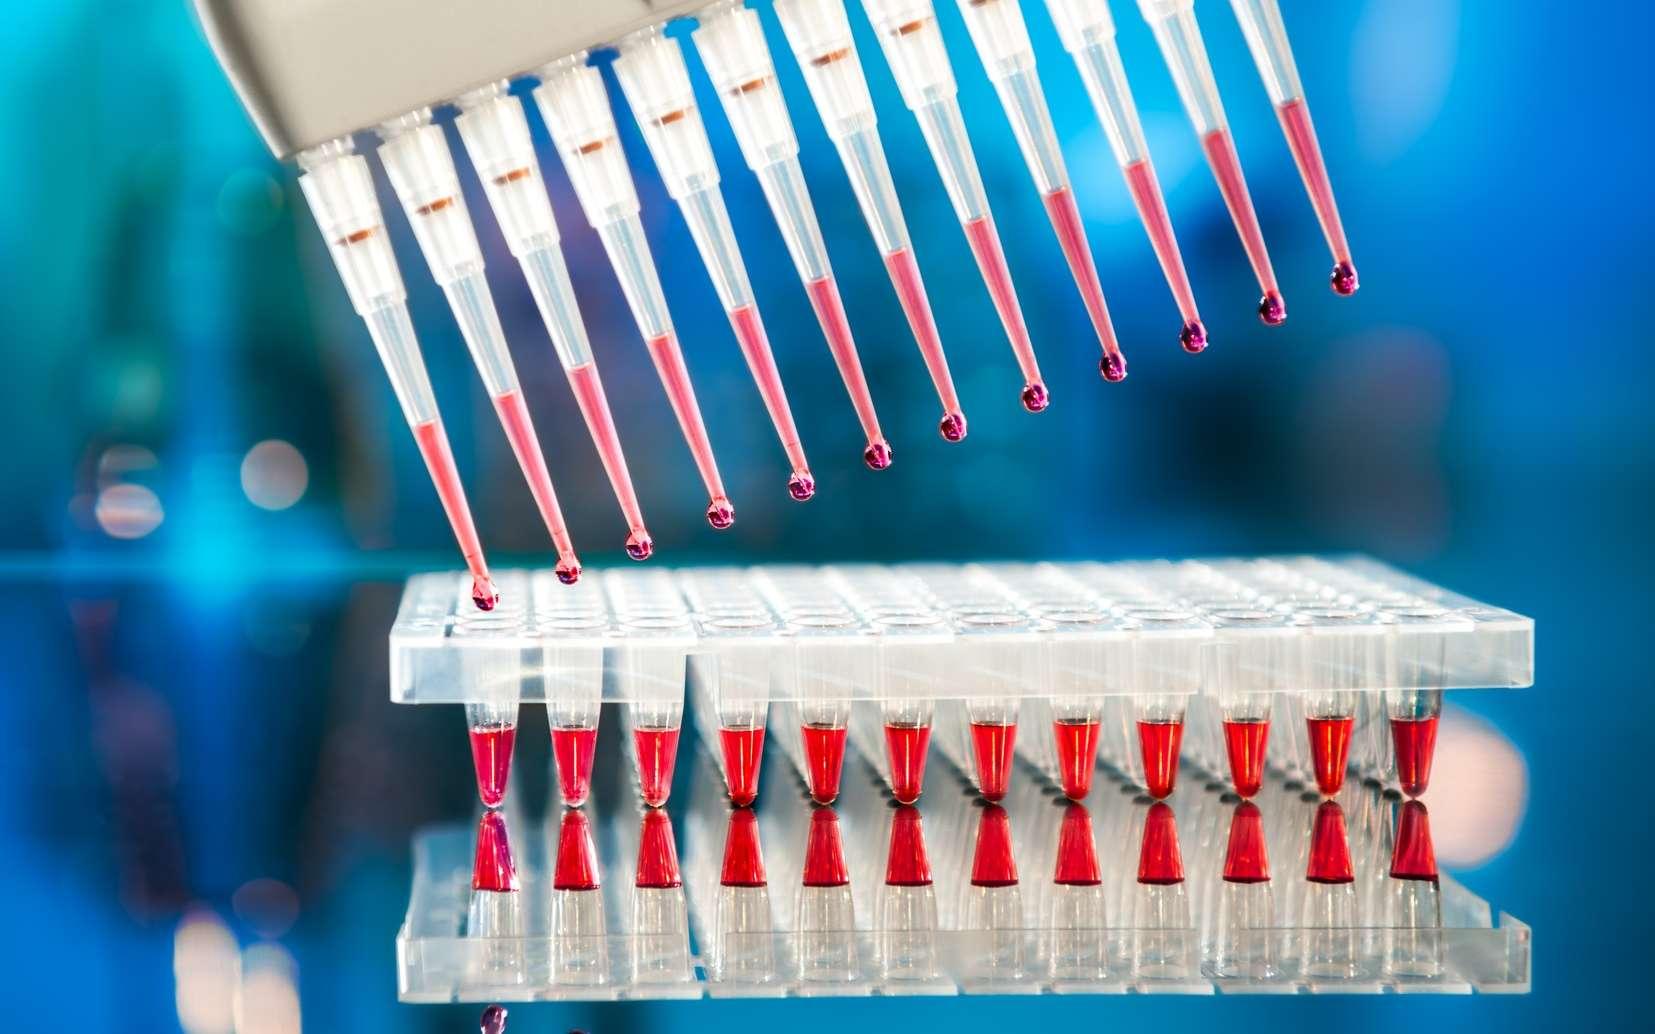 Les oligonucléotides servent d'amorces aux réactions de PCR. © tilialucida, Fotolia